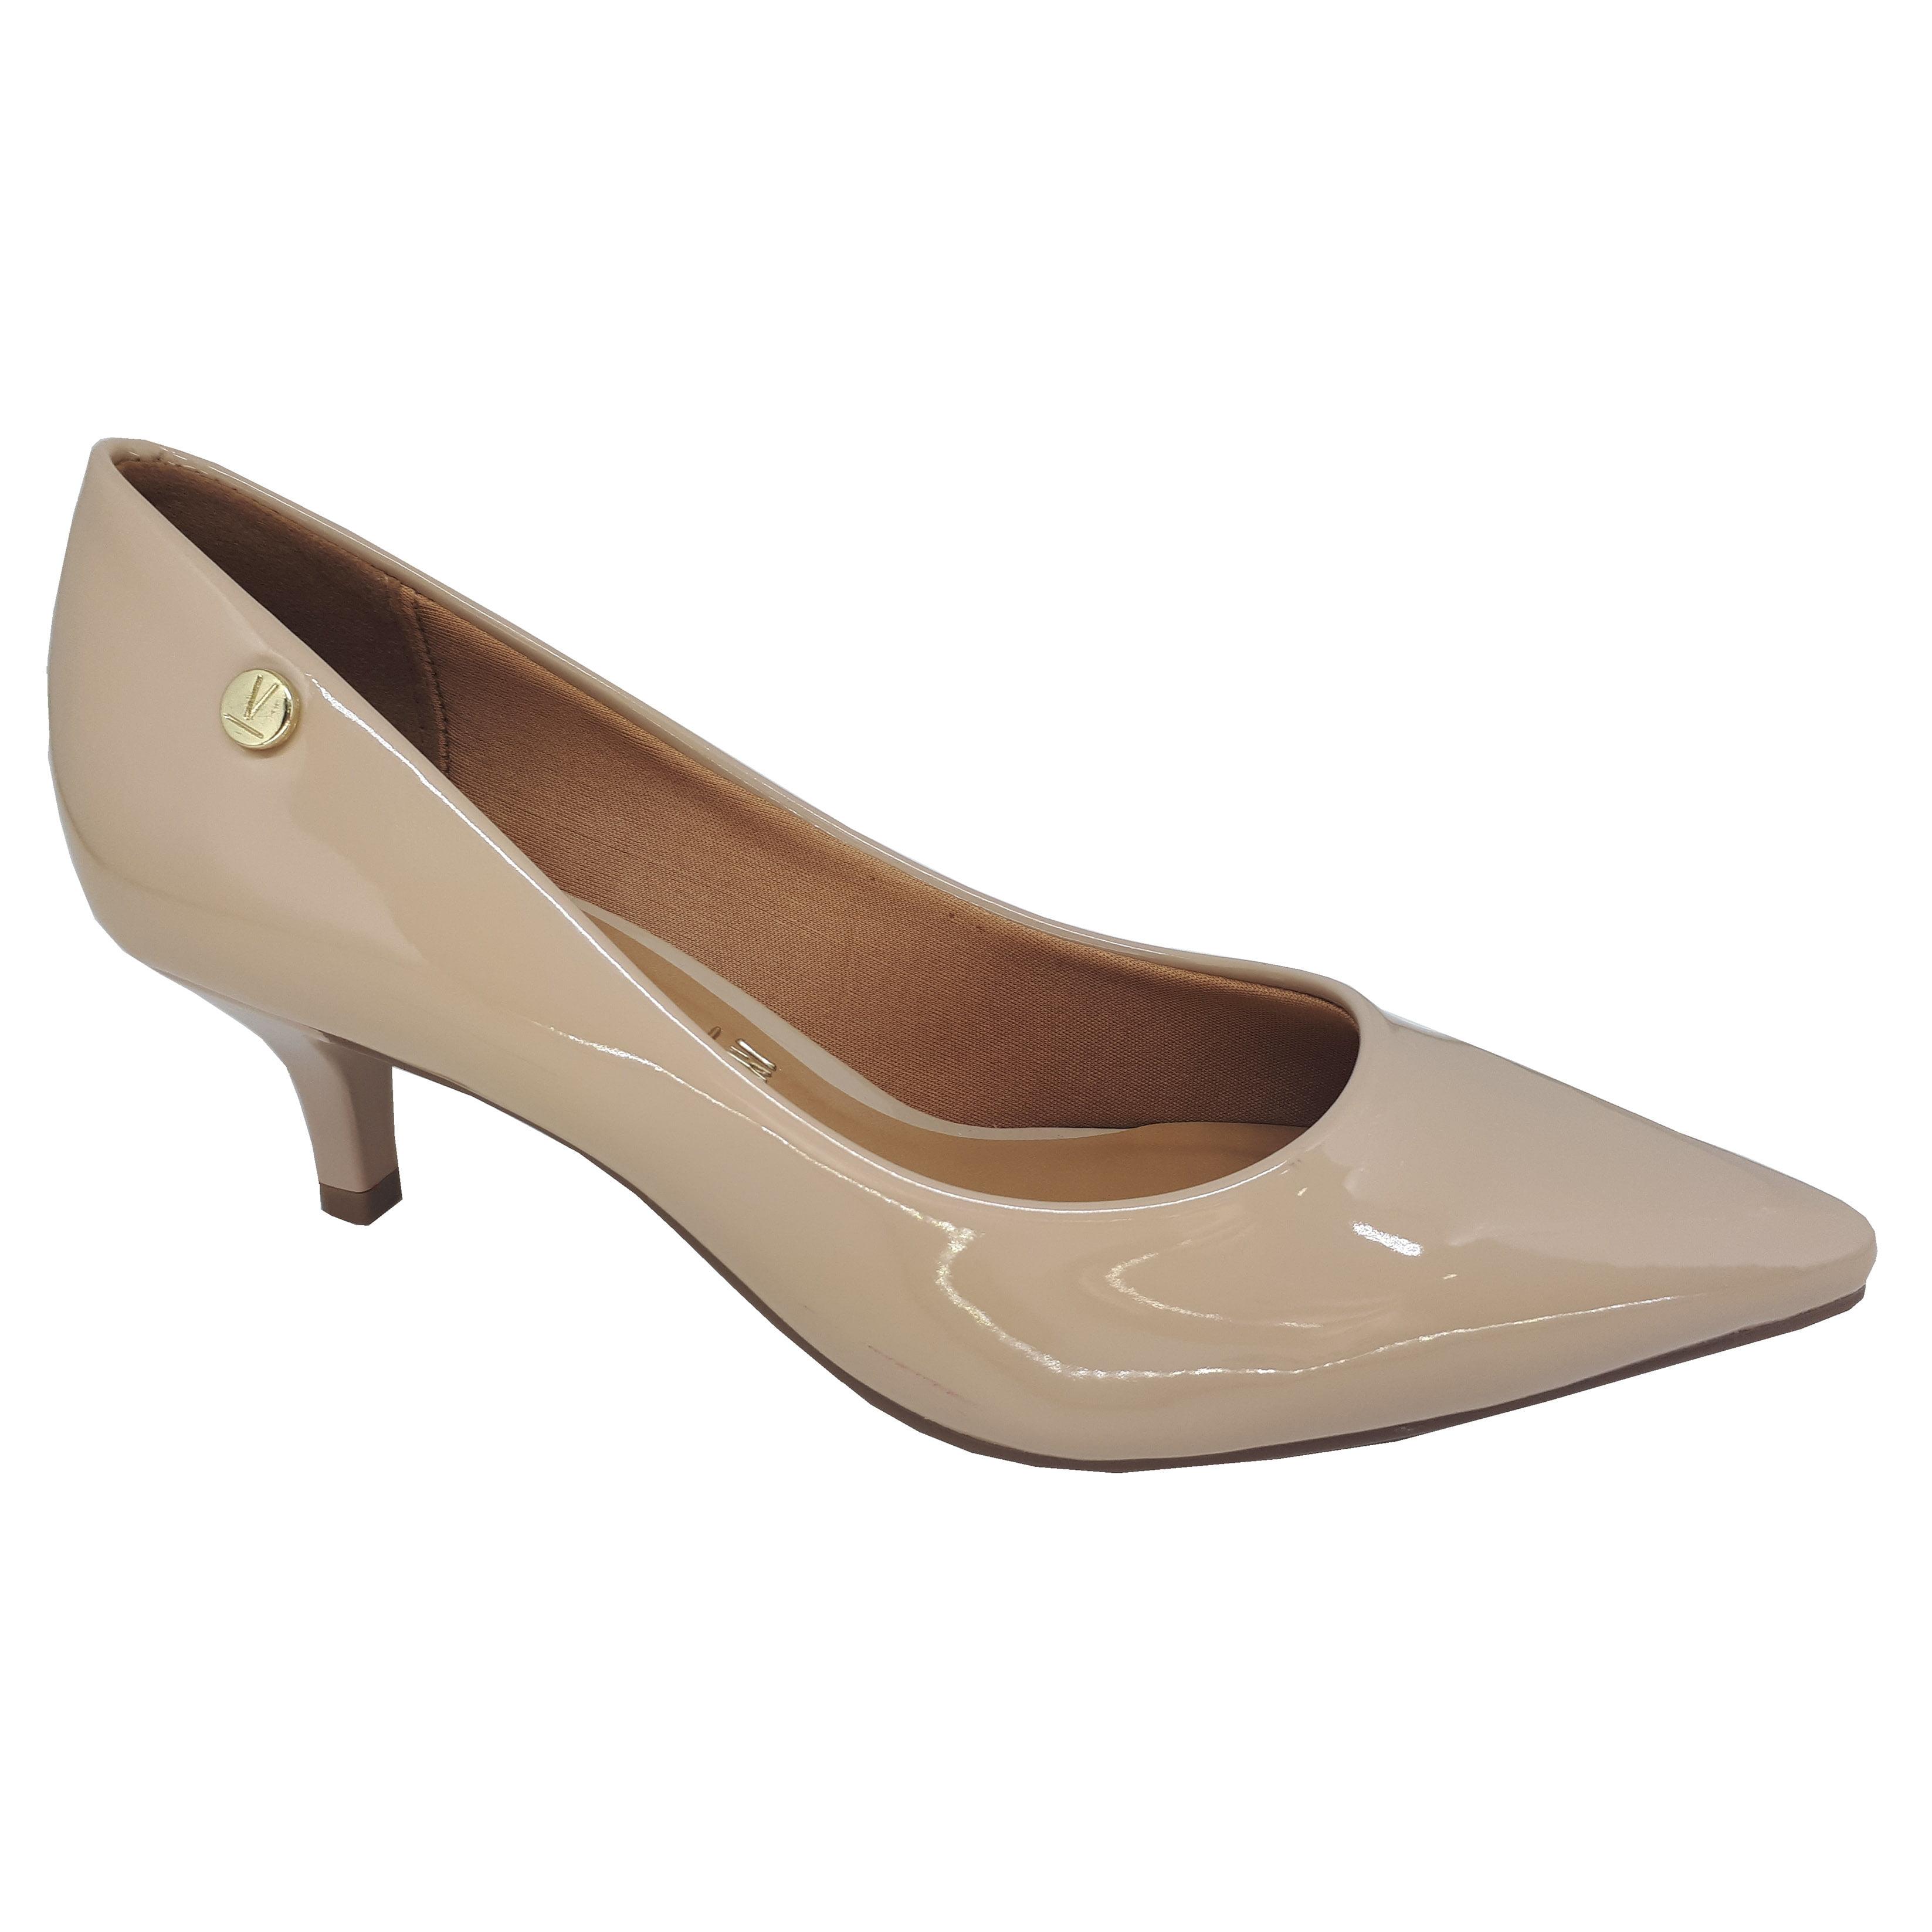 b0a9b8755a Feminino Feminino Feminino Salto Scarpin 05 Social Sapato I cm Scarpin s  Scarpin s Scarpin s Baixo Vizzano 4gq71